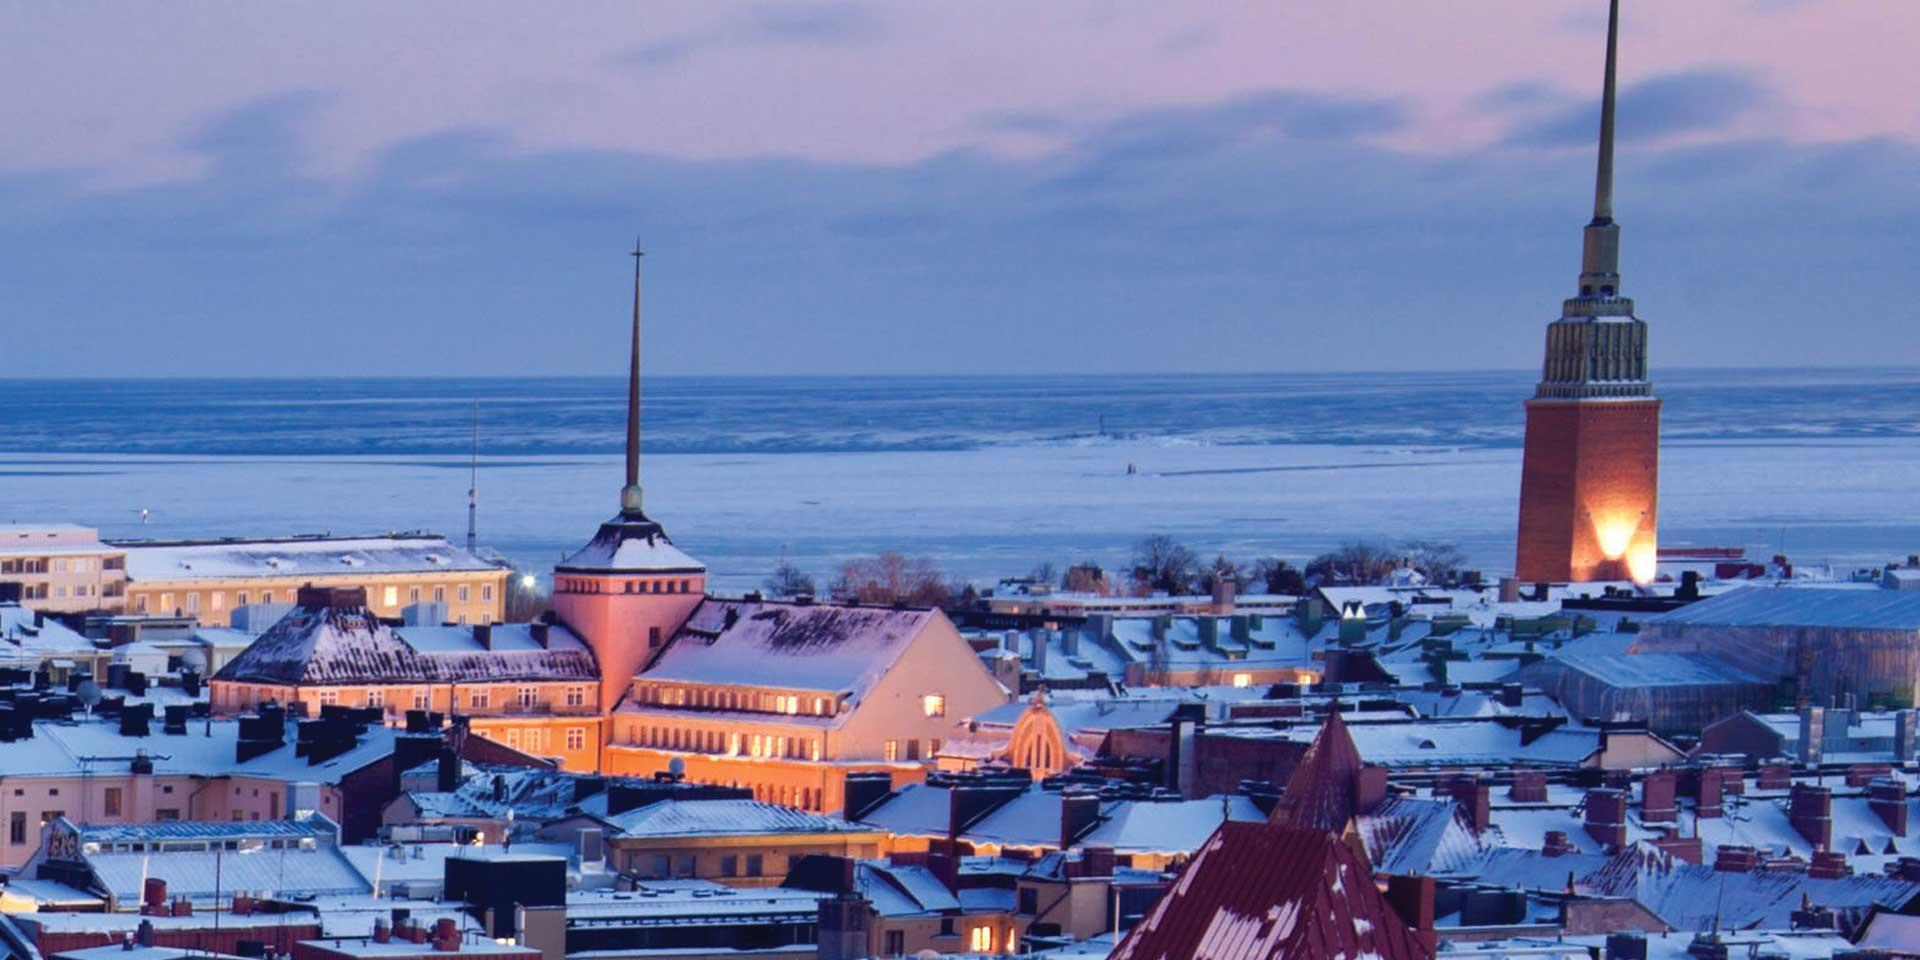 PRESUDNO ŠEST 'FAKTORA SREĆE': Finska je najsretnija zemlja na svijetu